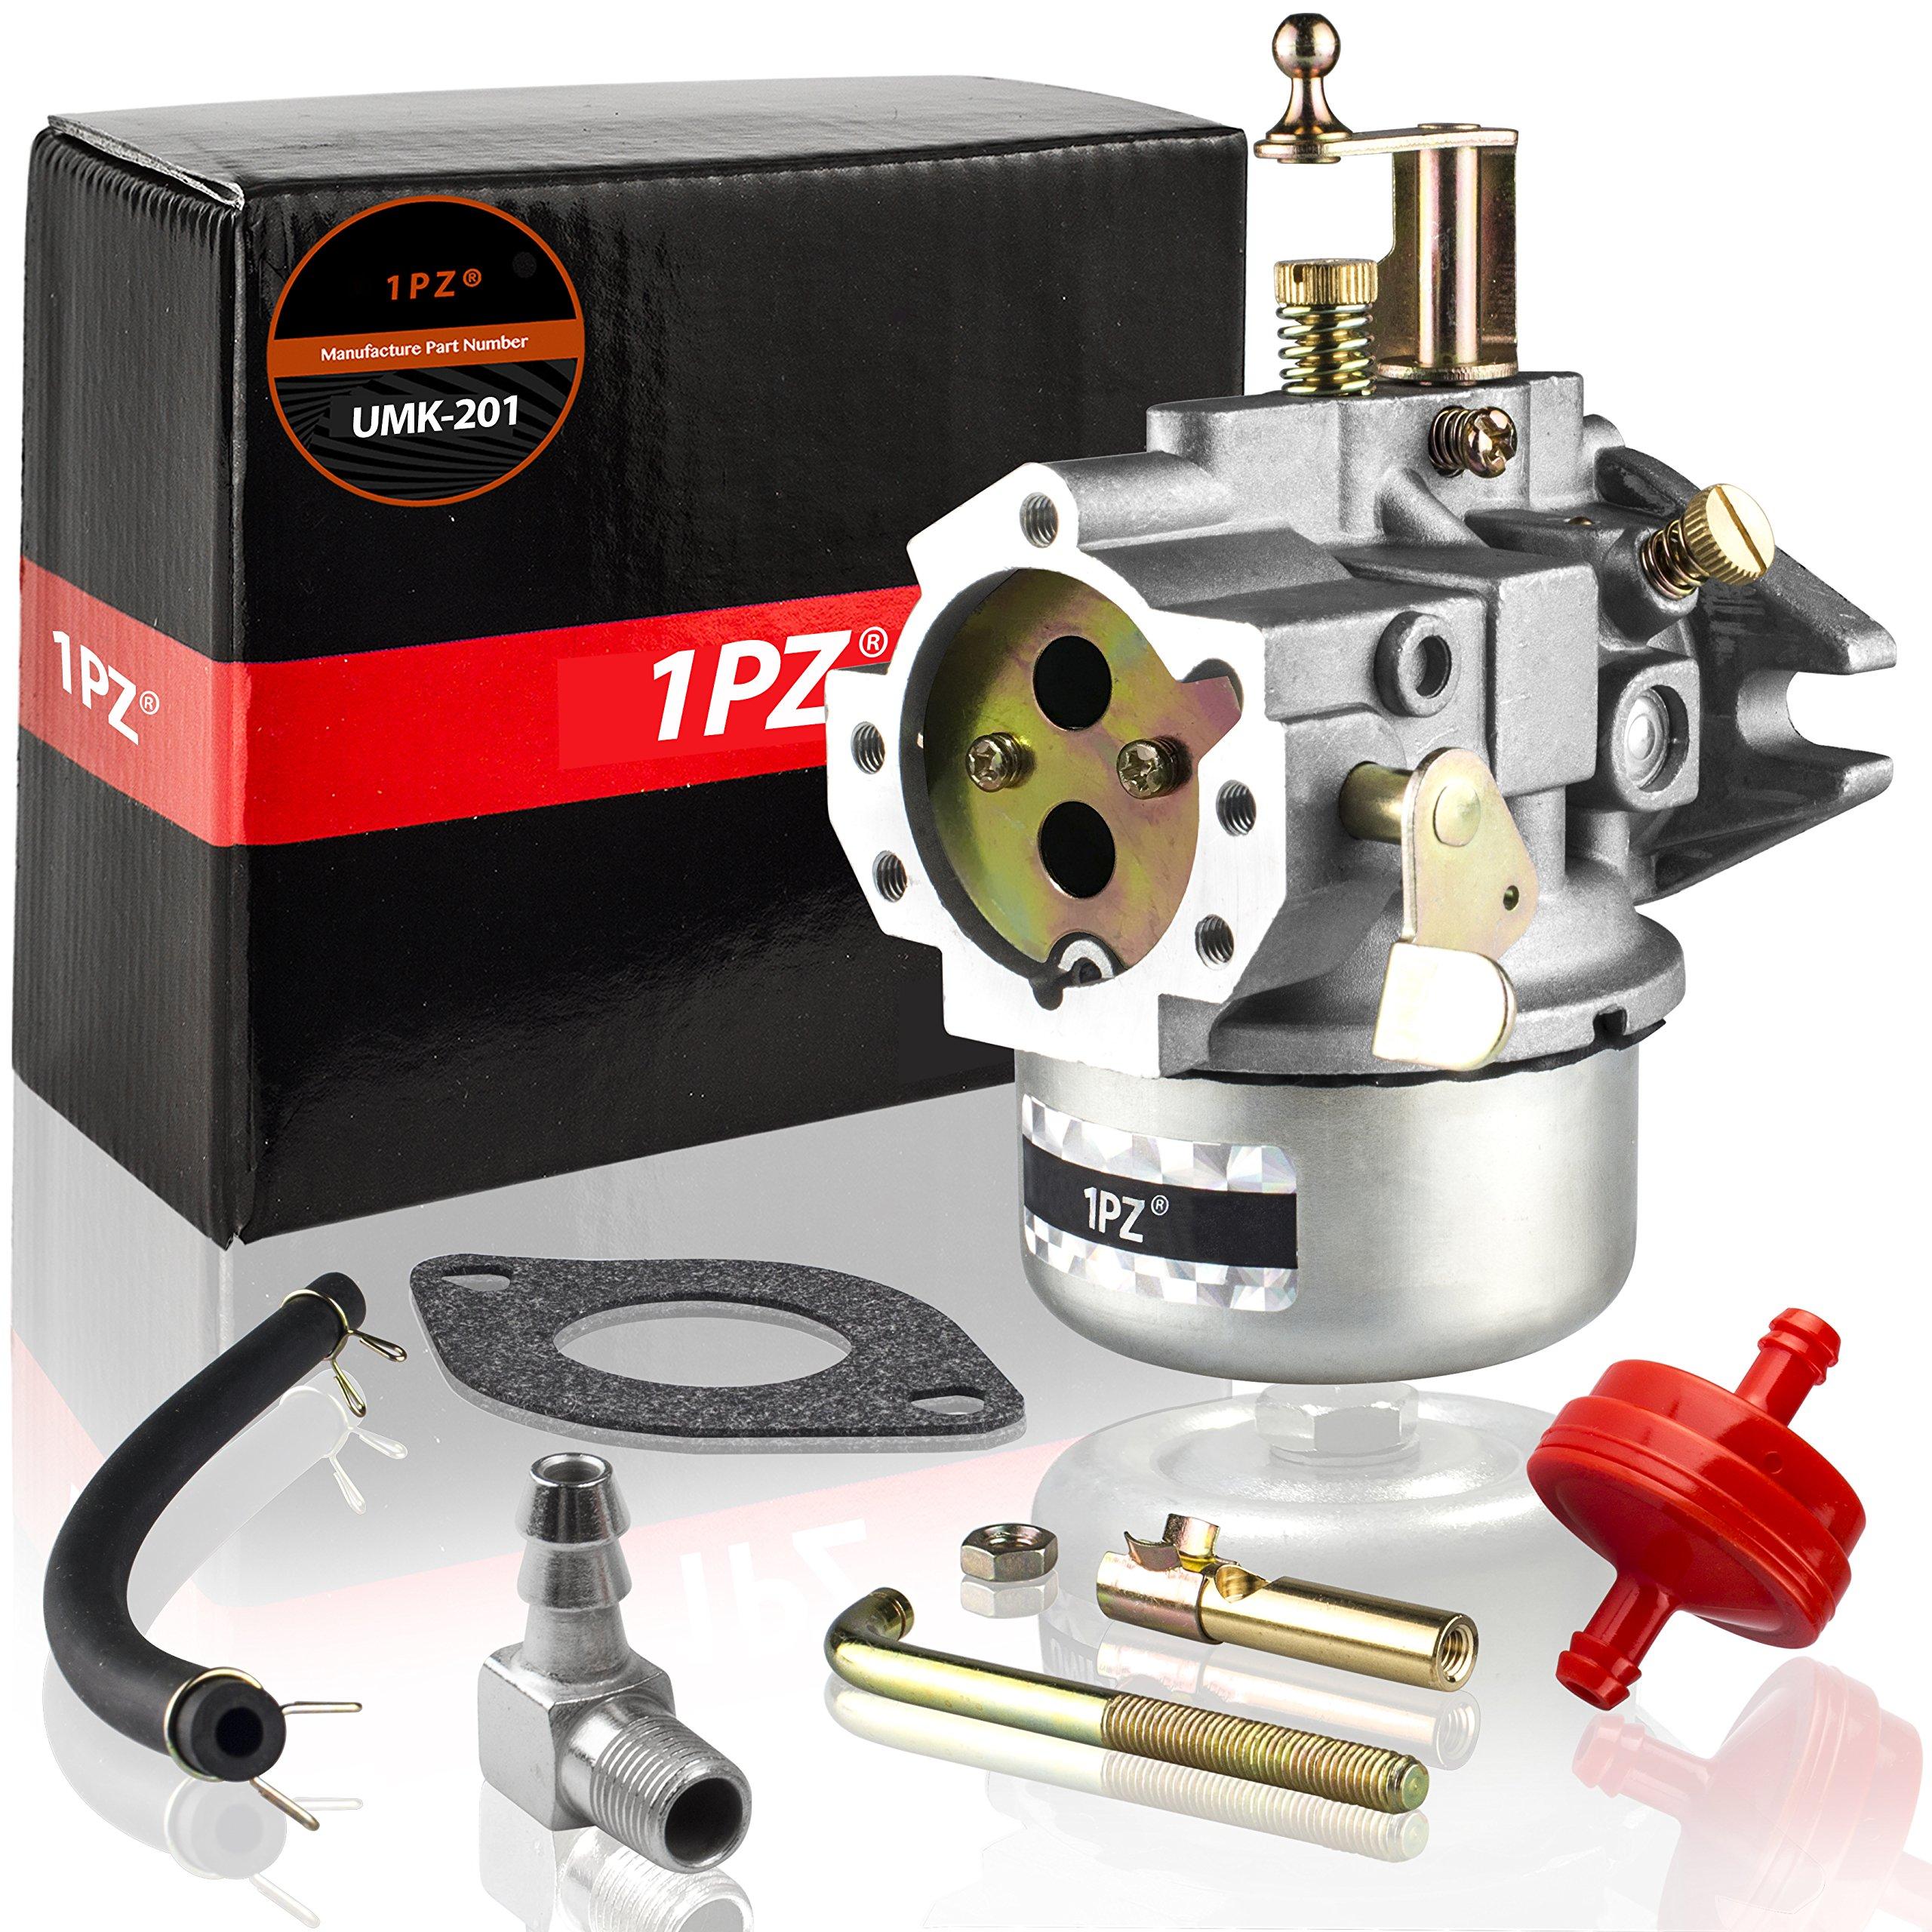 1PZ UMK-201 Carburetor for Kohler K321 and K341 Cast Iron Engine 14hp 16hp John Deer Tractor Engine Carb